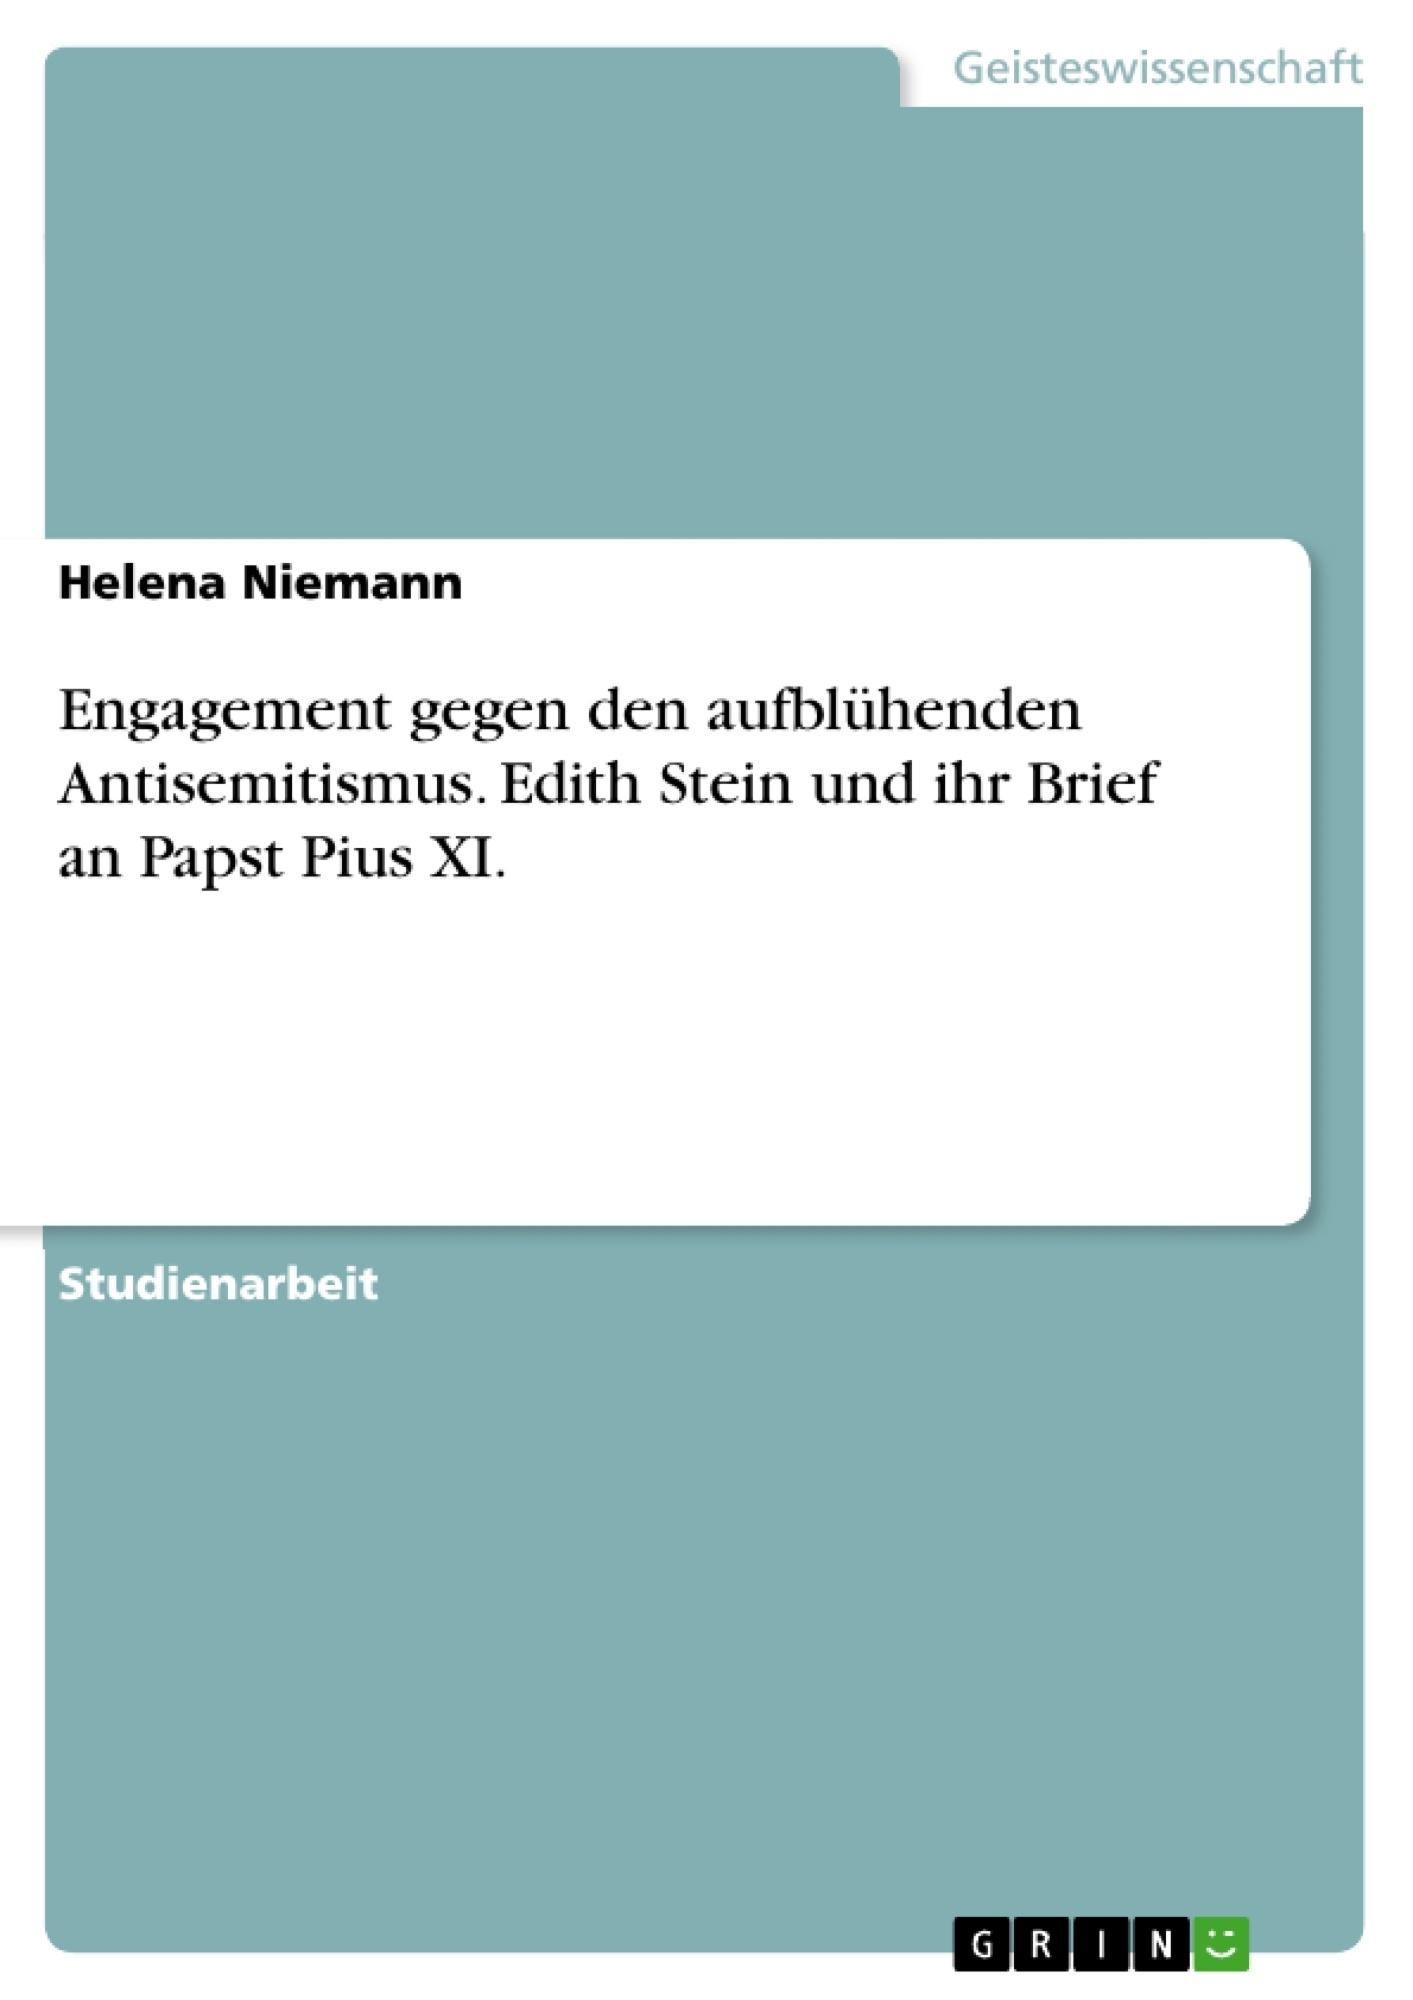 Titel: Engagement gegen den aufblühenden Antisemitismus. Edith Stein und ihr Brief an Papst Pius XI.